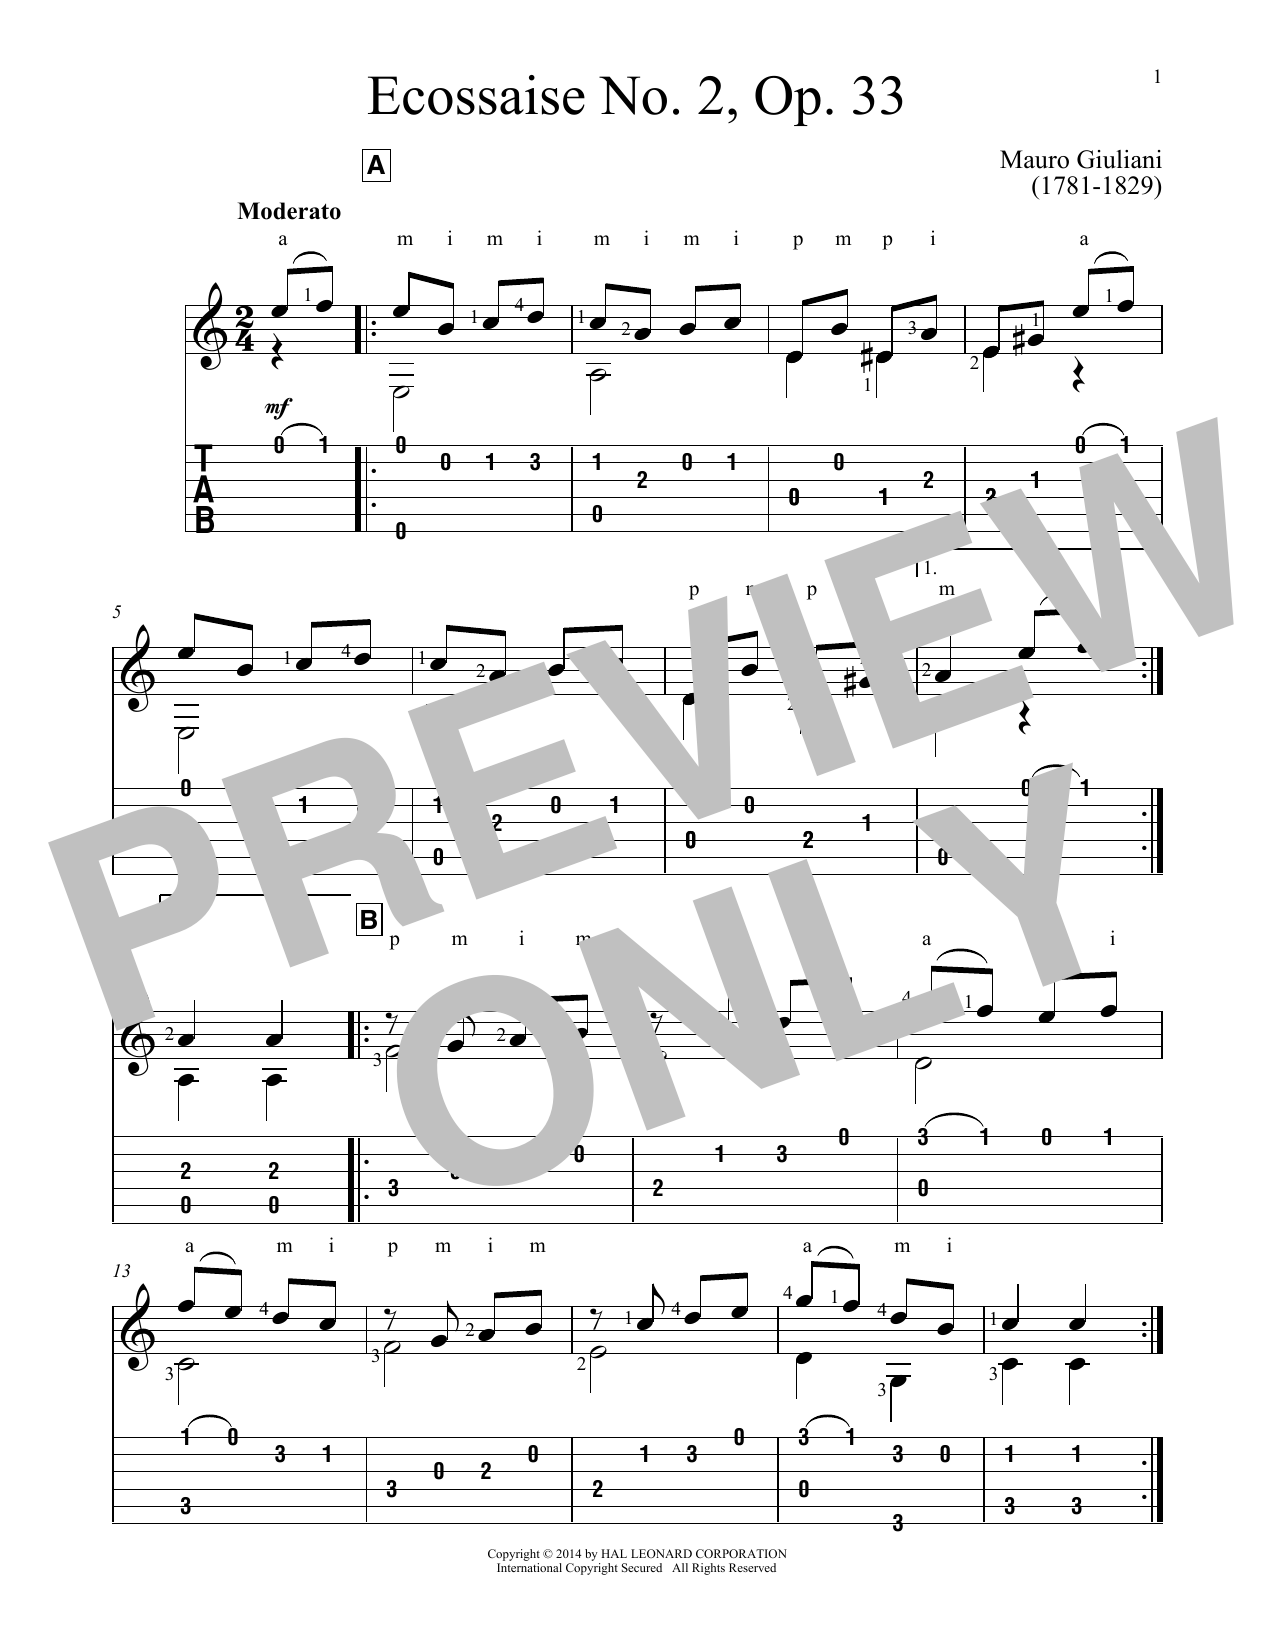 Ecossaise No. 2, Op. 33